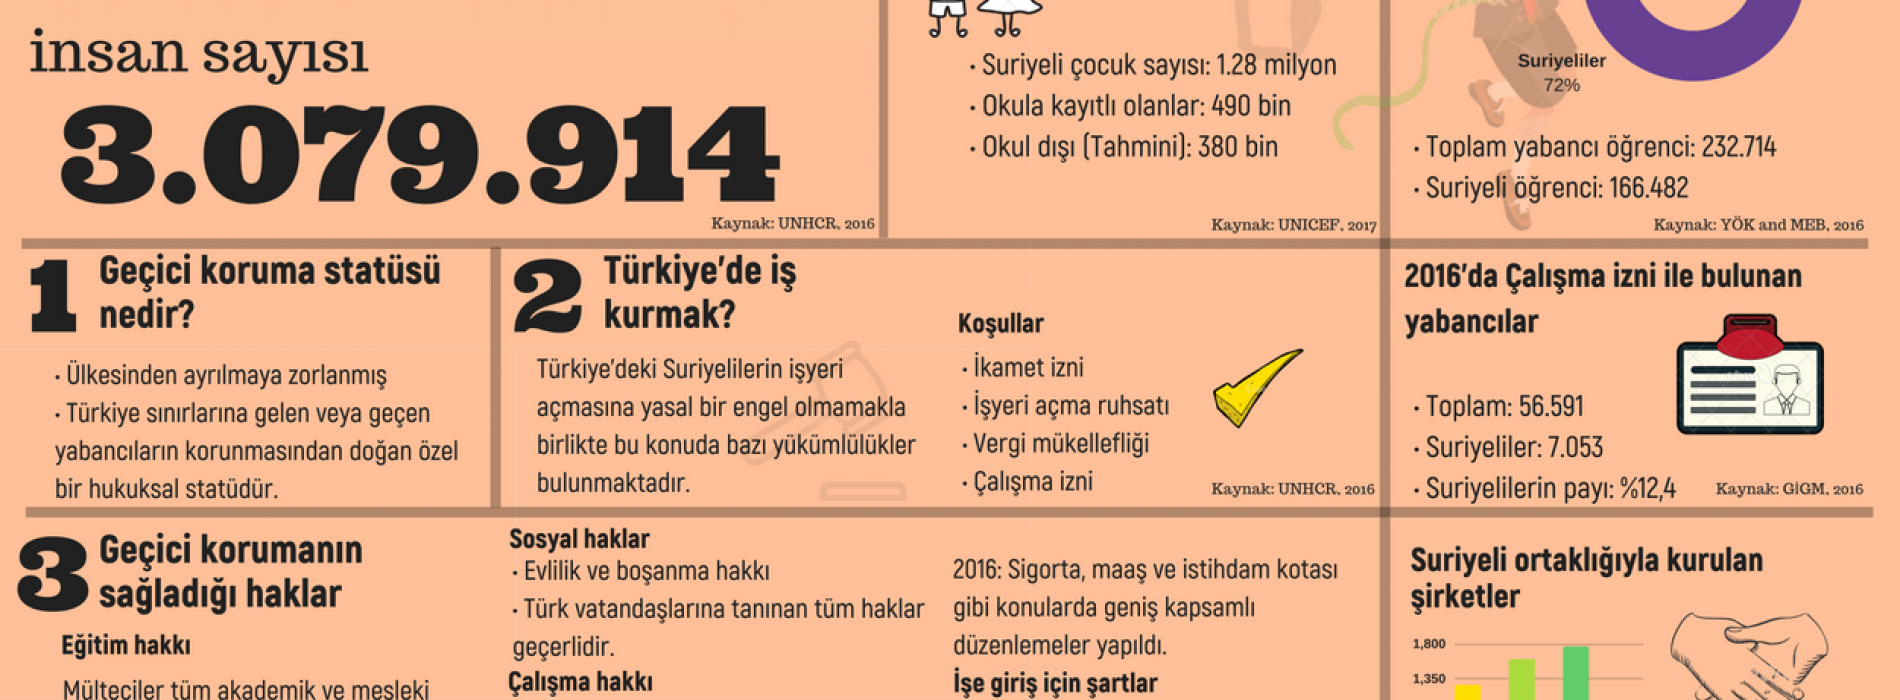 Türkiye'deki Suriyelilerin Durumunun İyileştirilmesi